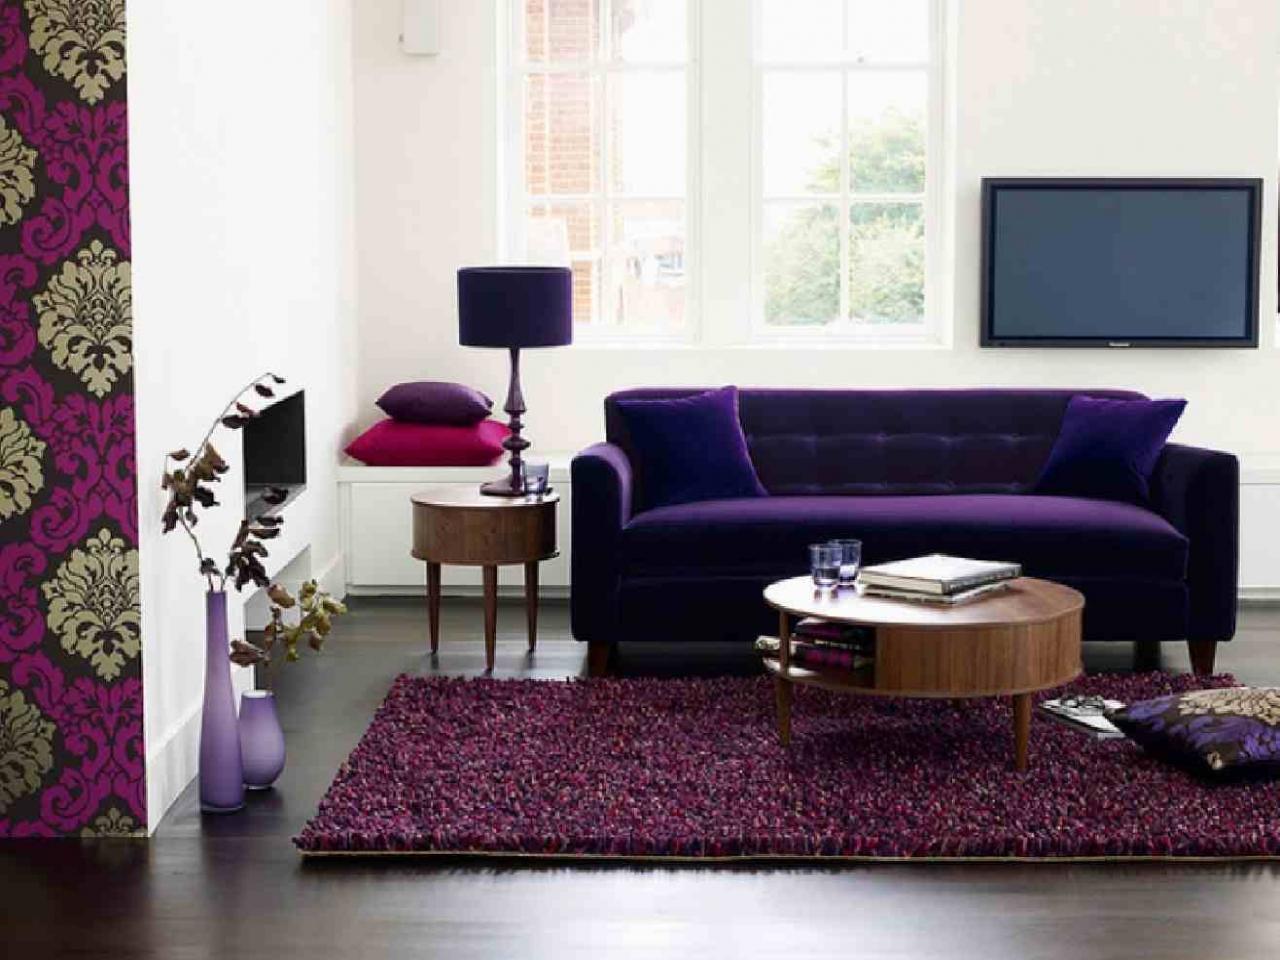 Sofá moderno morado oscuro